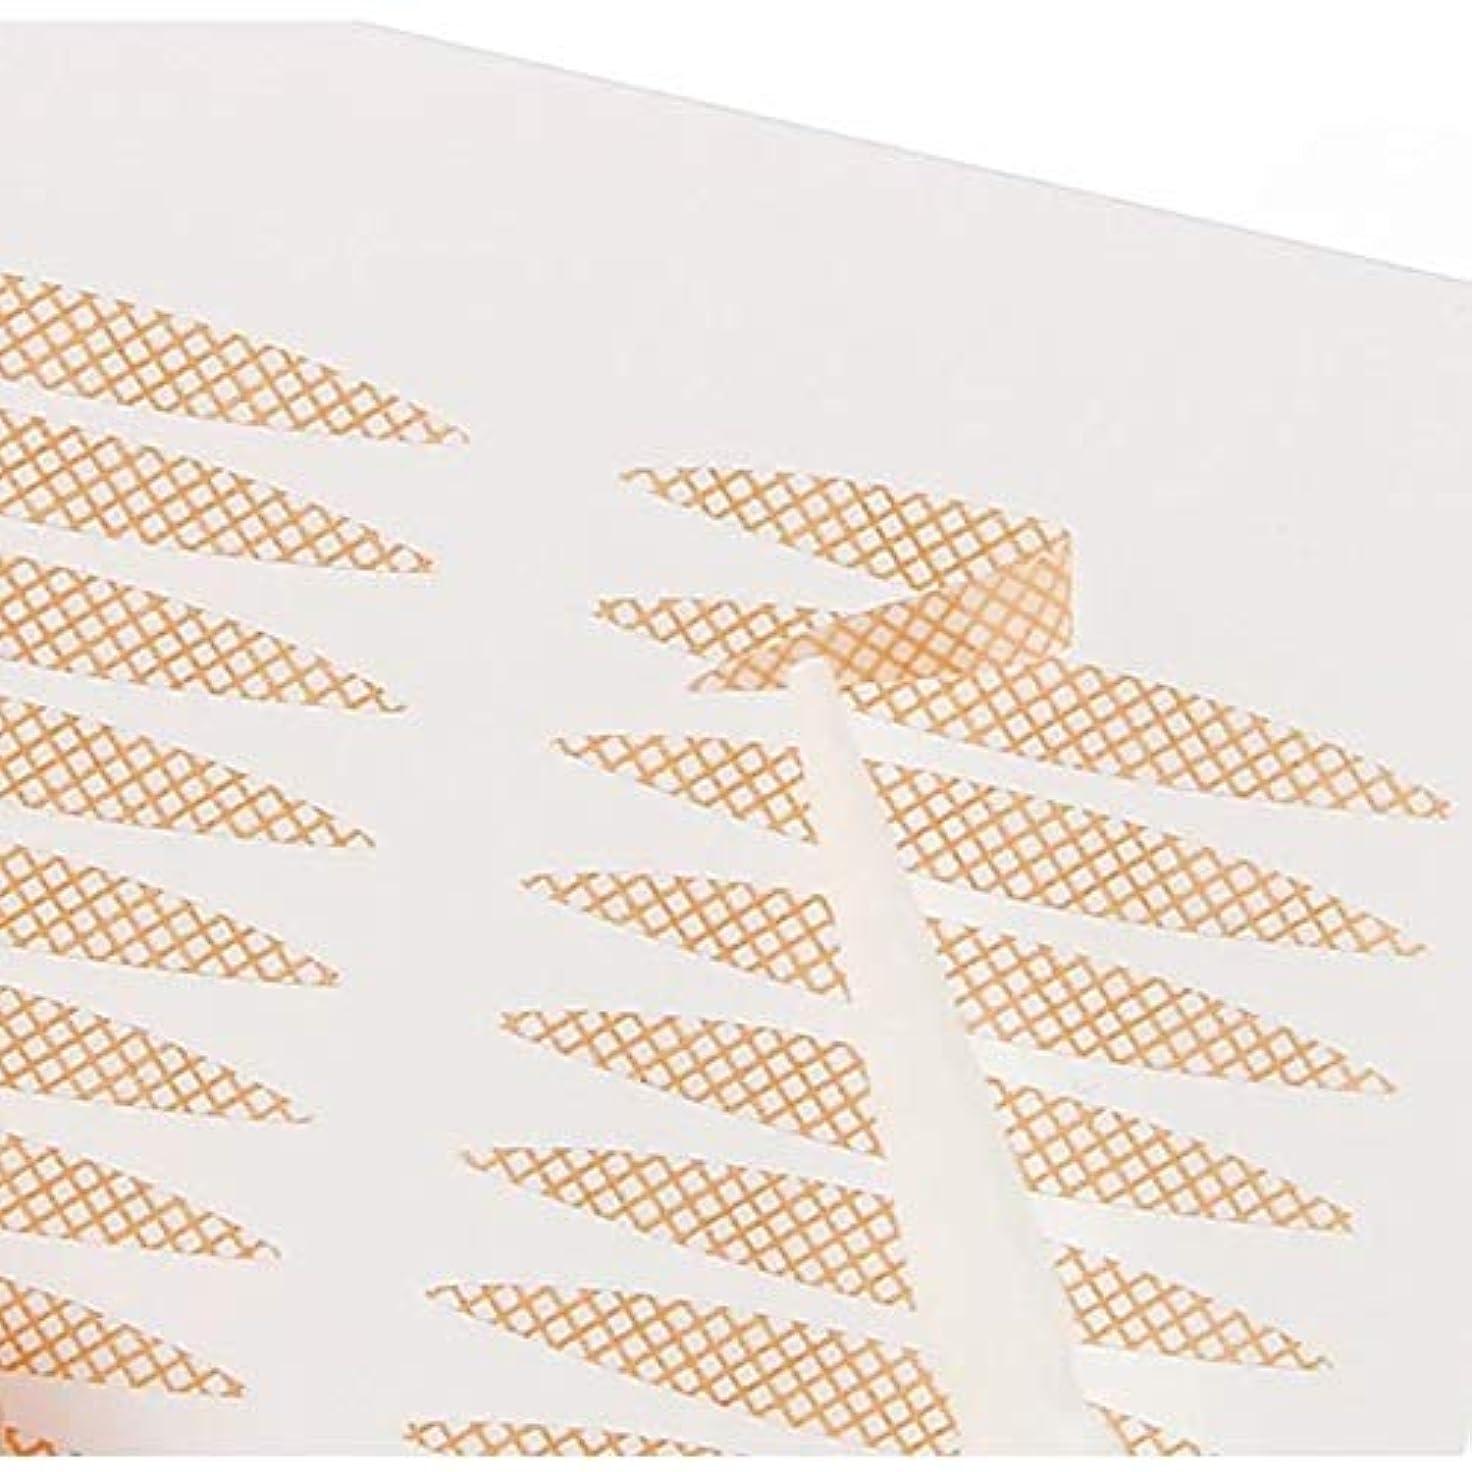 インタラクション画面転用SweetSweetShop メッシュ式二重テープ 二重まぶた アイテープ ふたえまぶたテープ 癖付け 絆創膏タイプ 半月型 楕円型 240枚 120回分 4ヶ月分 プッシャー付き (半月タイプ太め240枚)